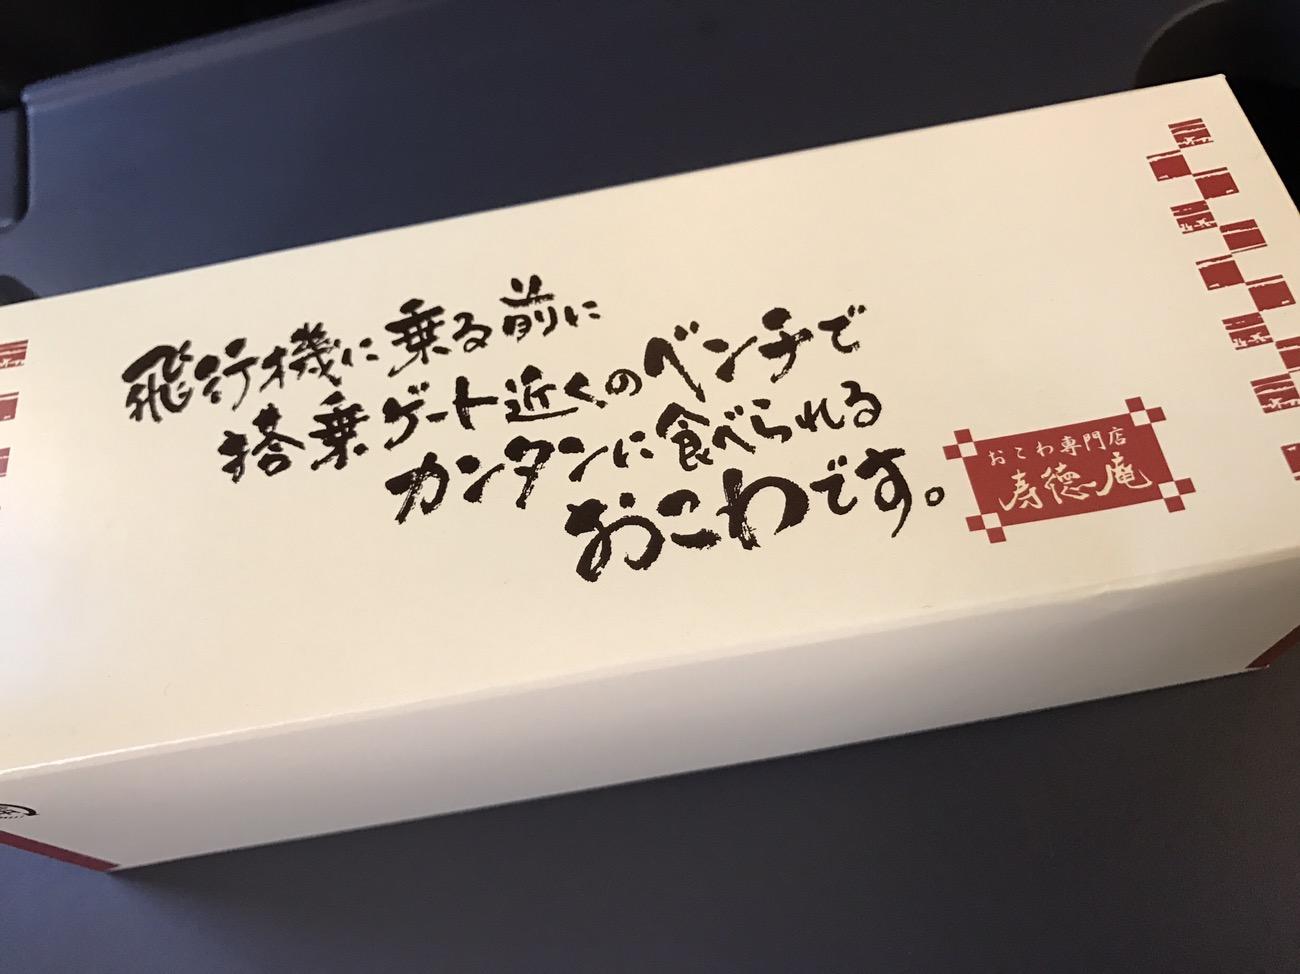 おこわ専門店「寿徳庵」の羽田空港ひとくちおこわ 空弁おすすめ